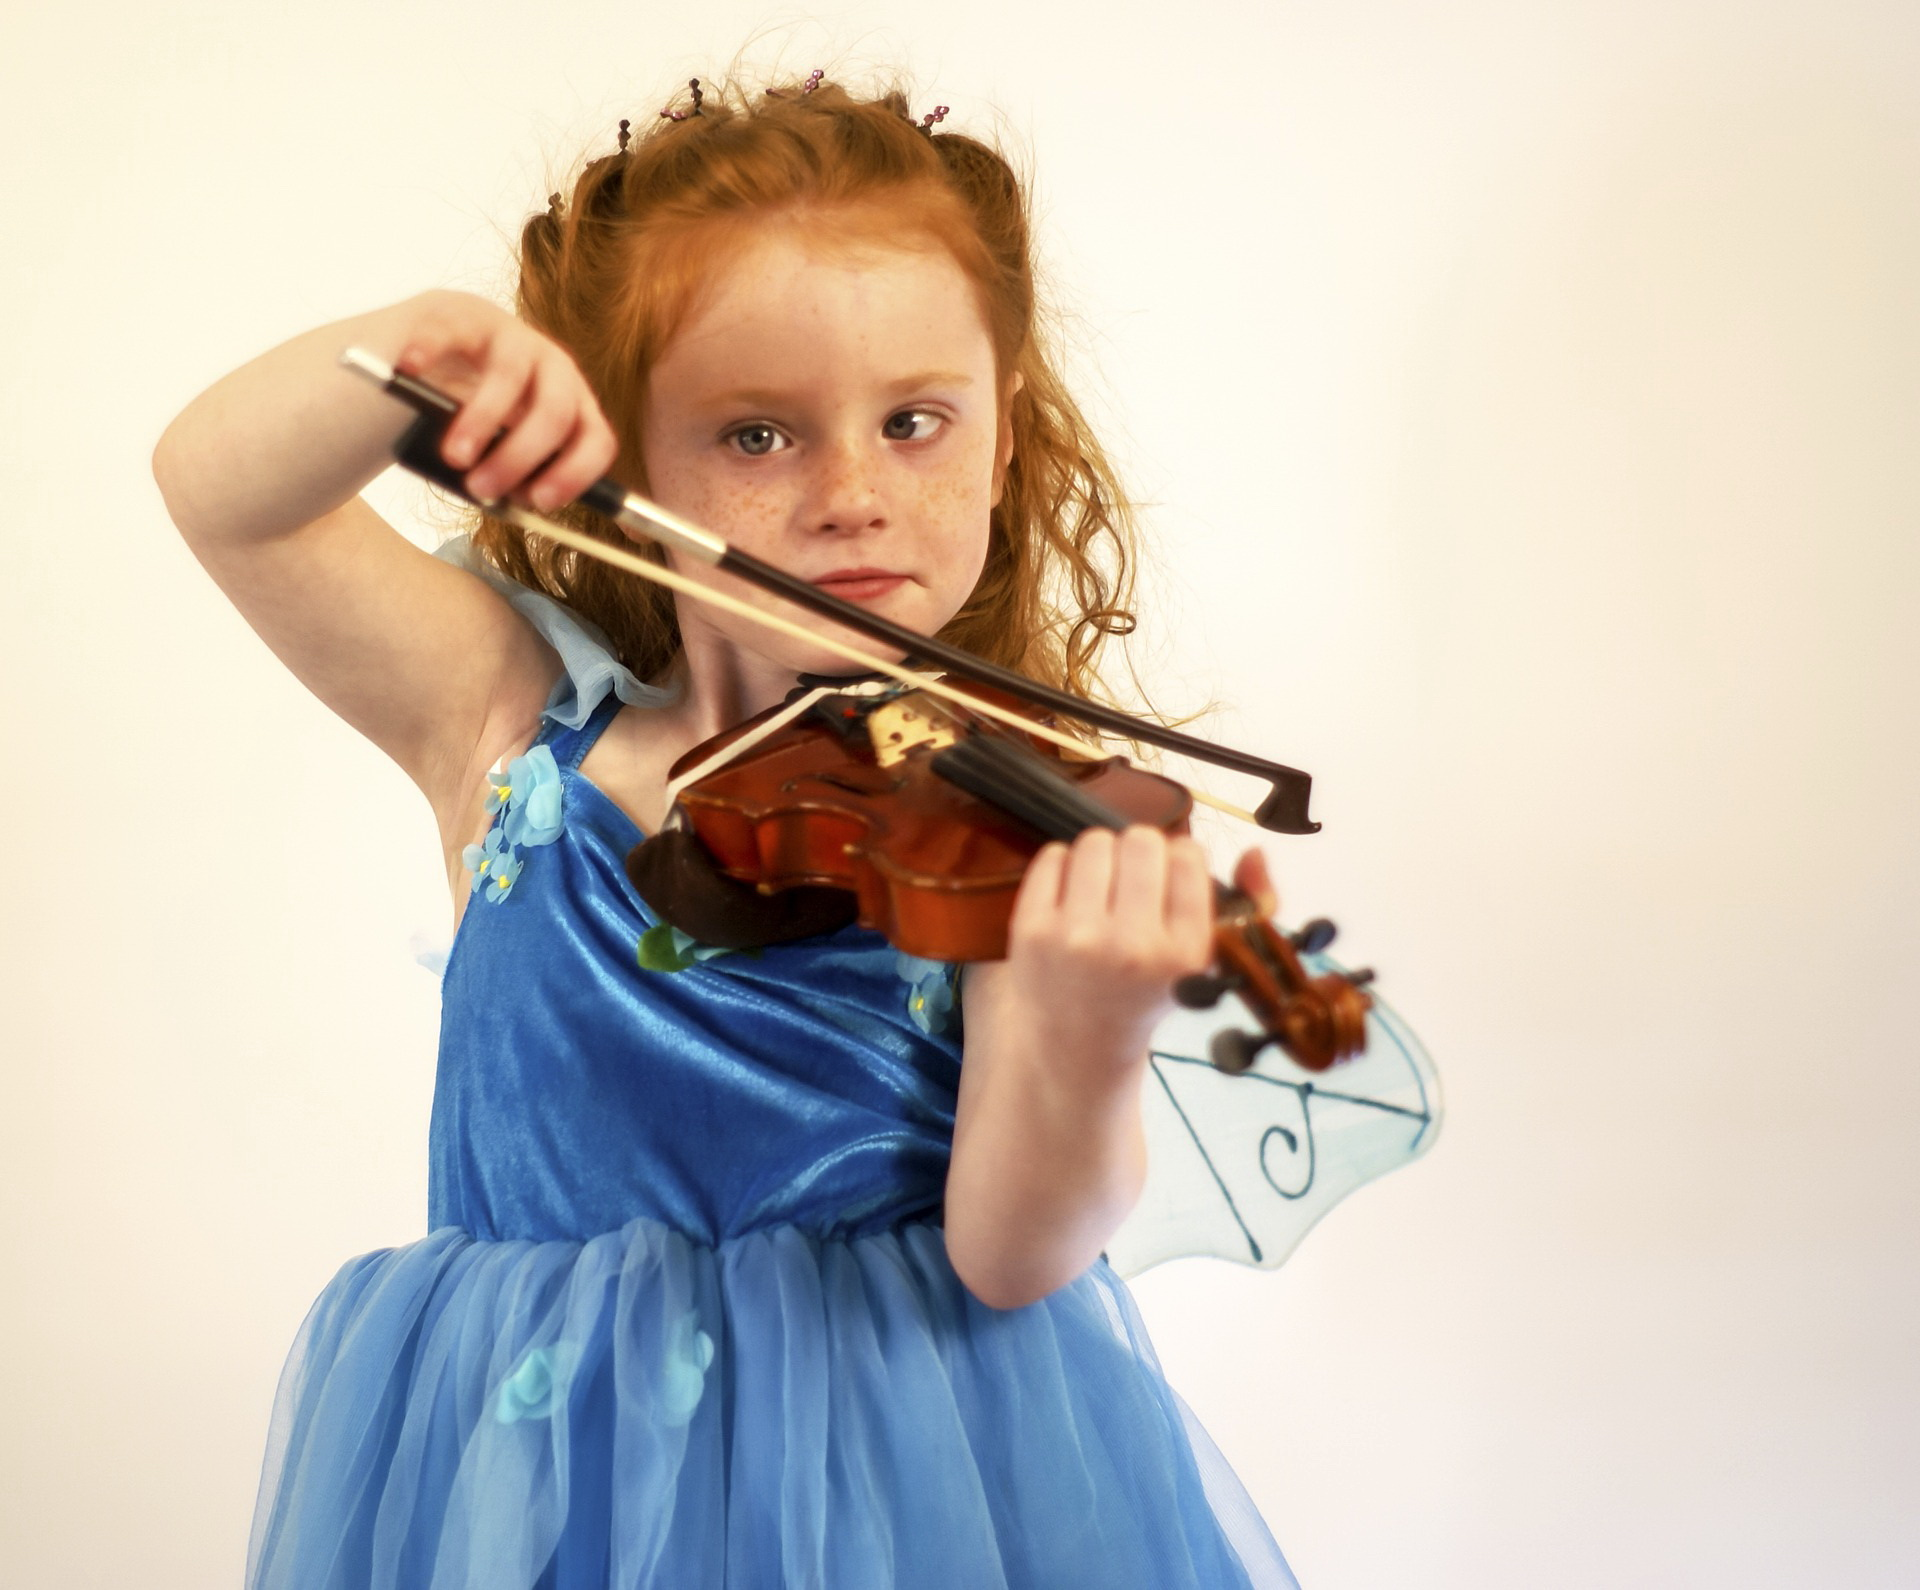 Zagadki dla dzieci o instrumentach, skrzypce. Edukacyjne zgadywanki